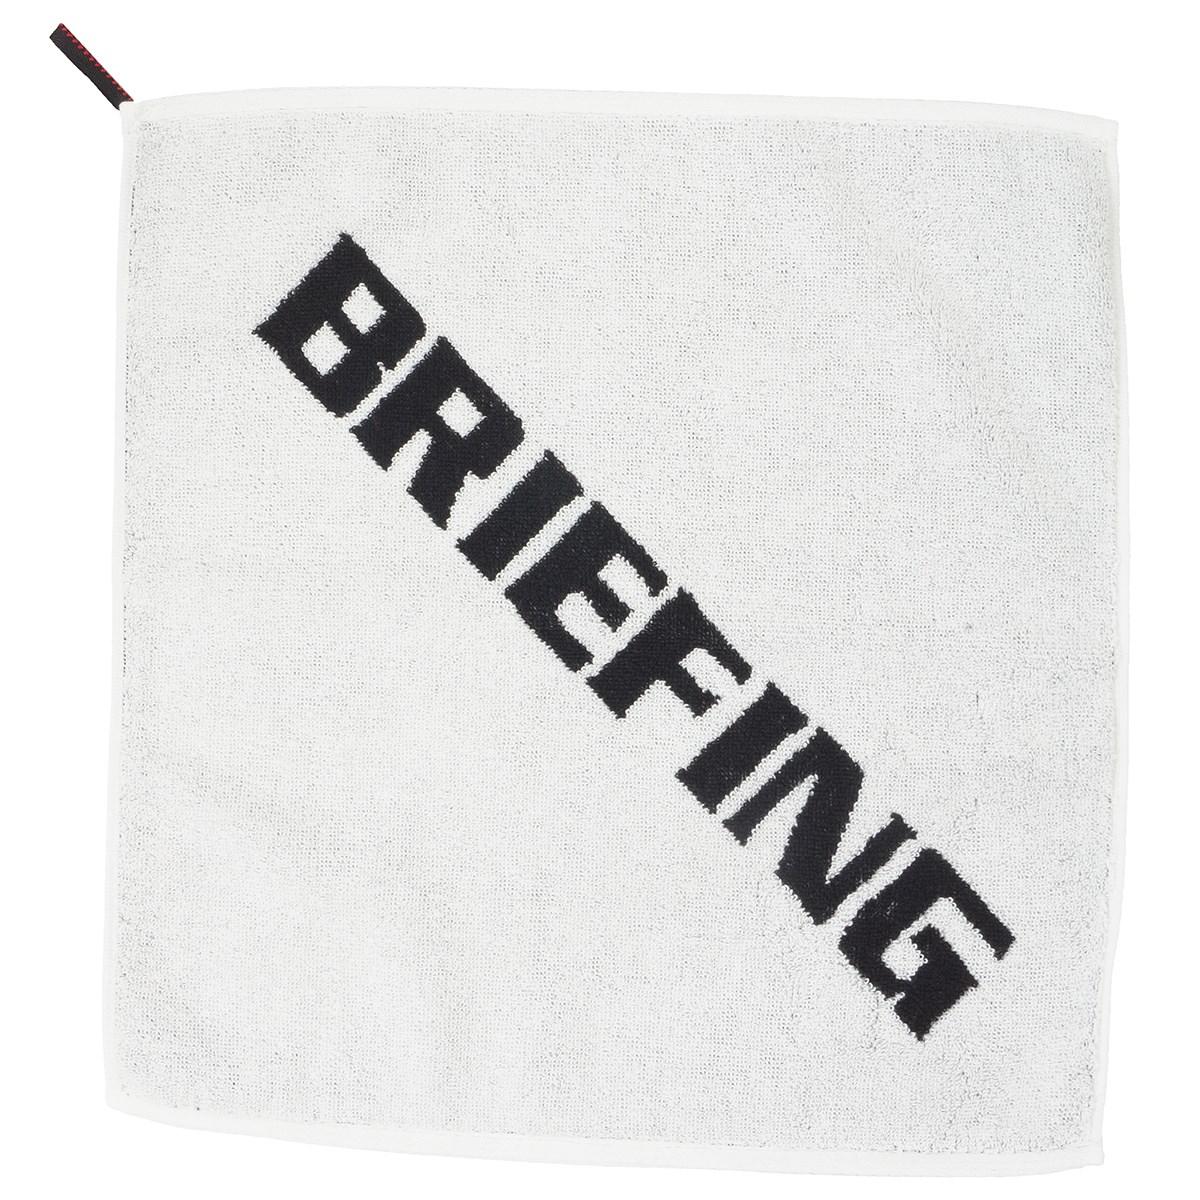 ブリーフィング BRIEFING ハンドタオル ホワイト